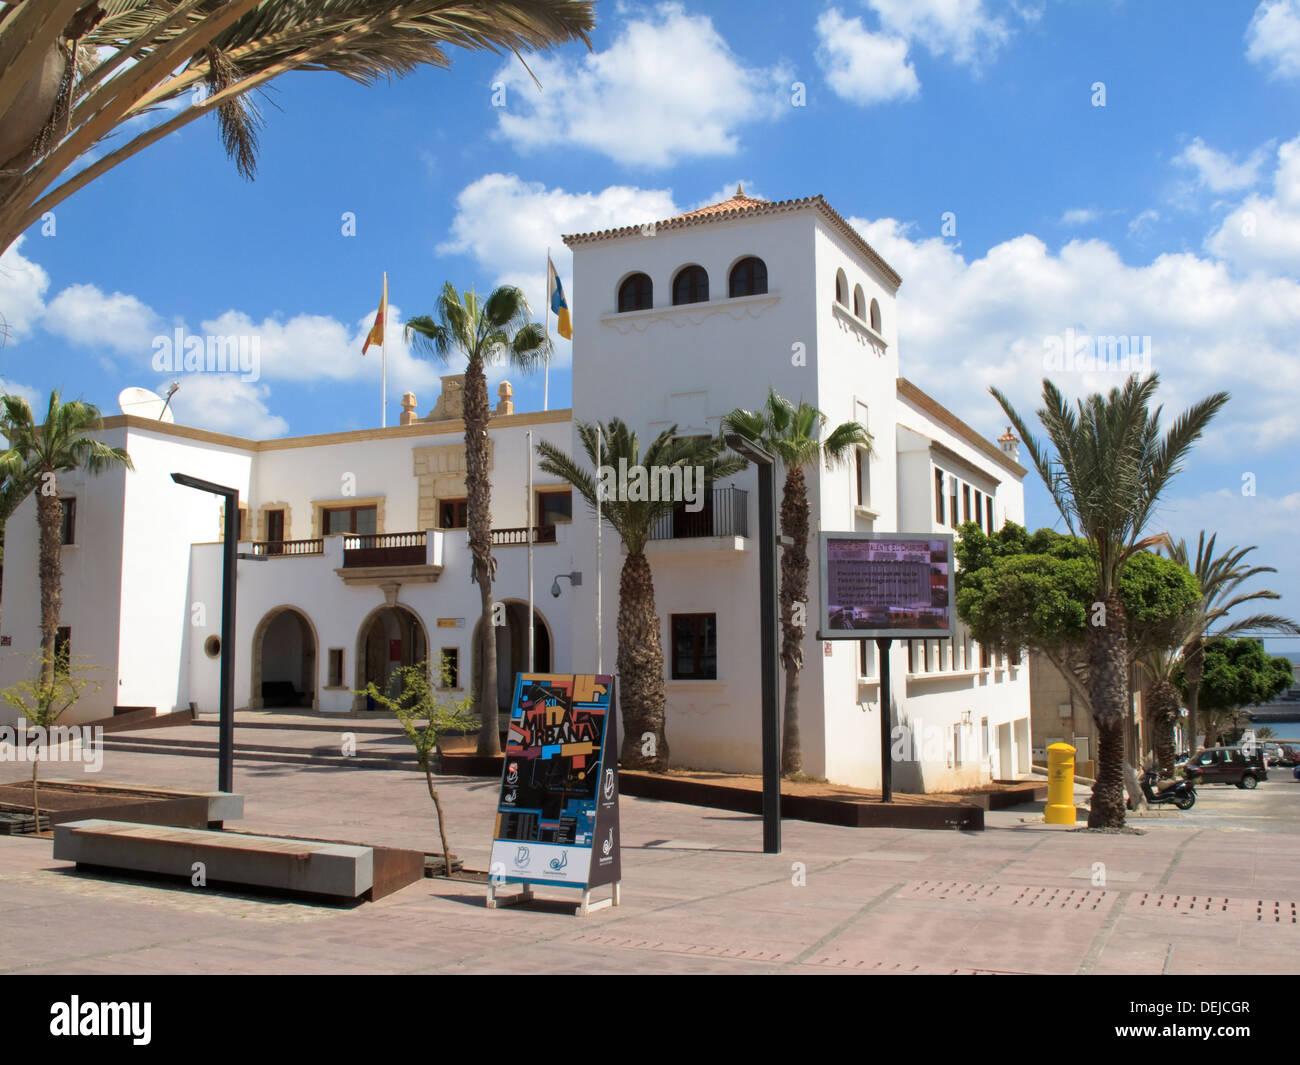 Town hall or ayuntamiento puerto del rosario fuerteventura canary stock photo royalty free - Pension puerto del rosario ...